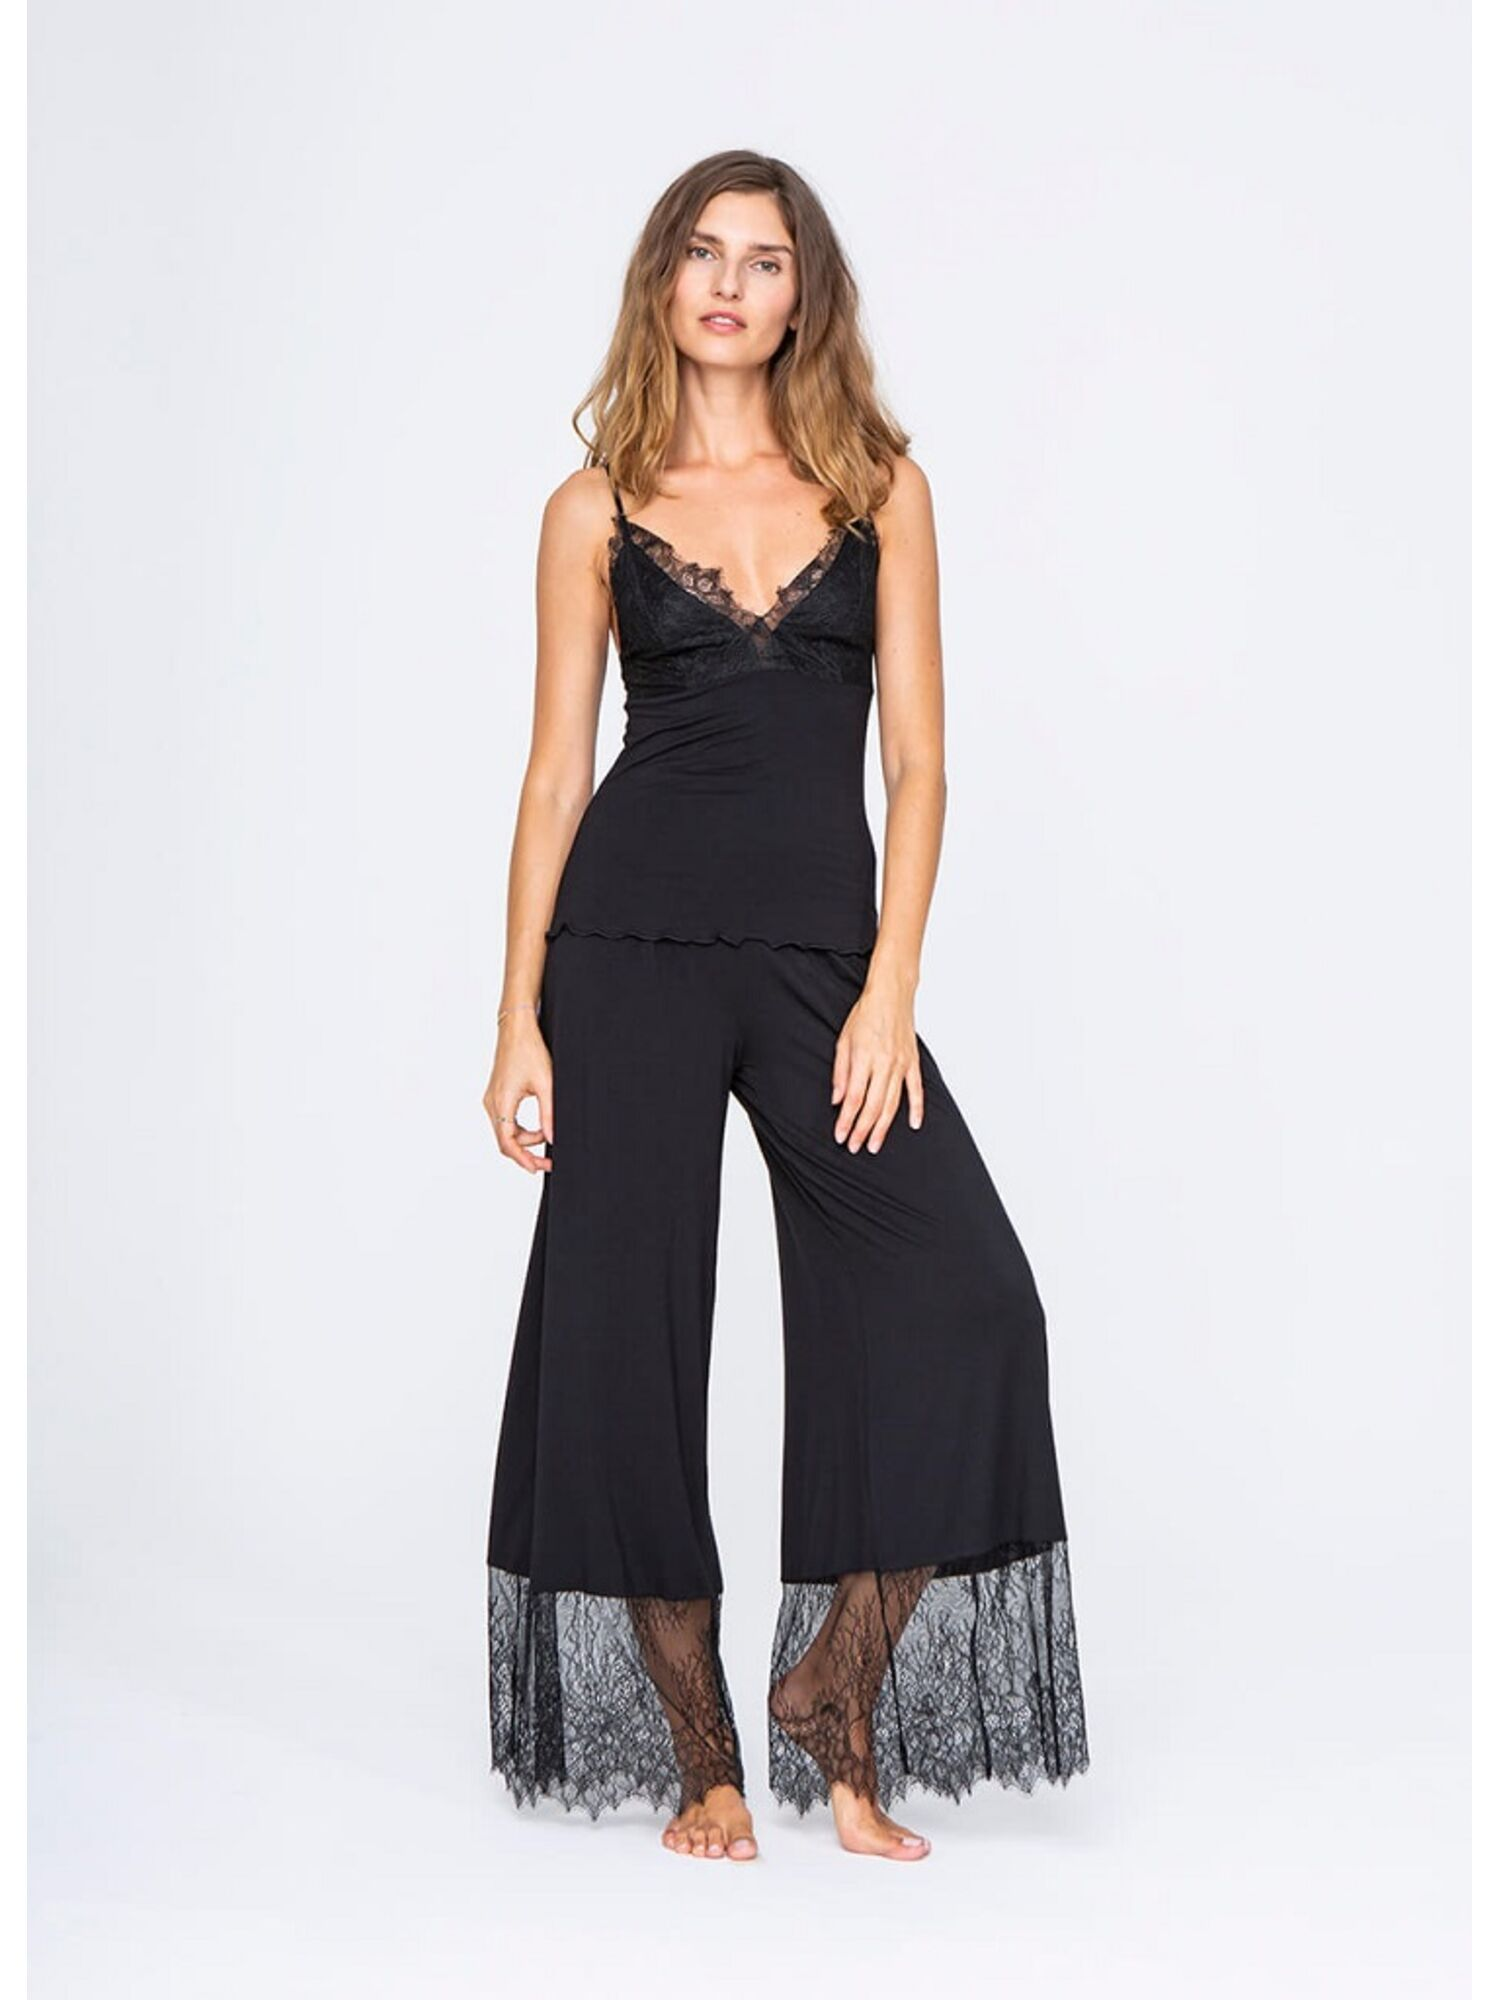 Женская пижама с брюками из вискозы 3215 черный, VANILLA (Польша)